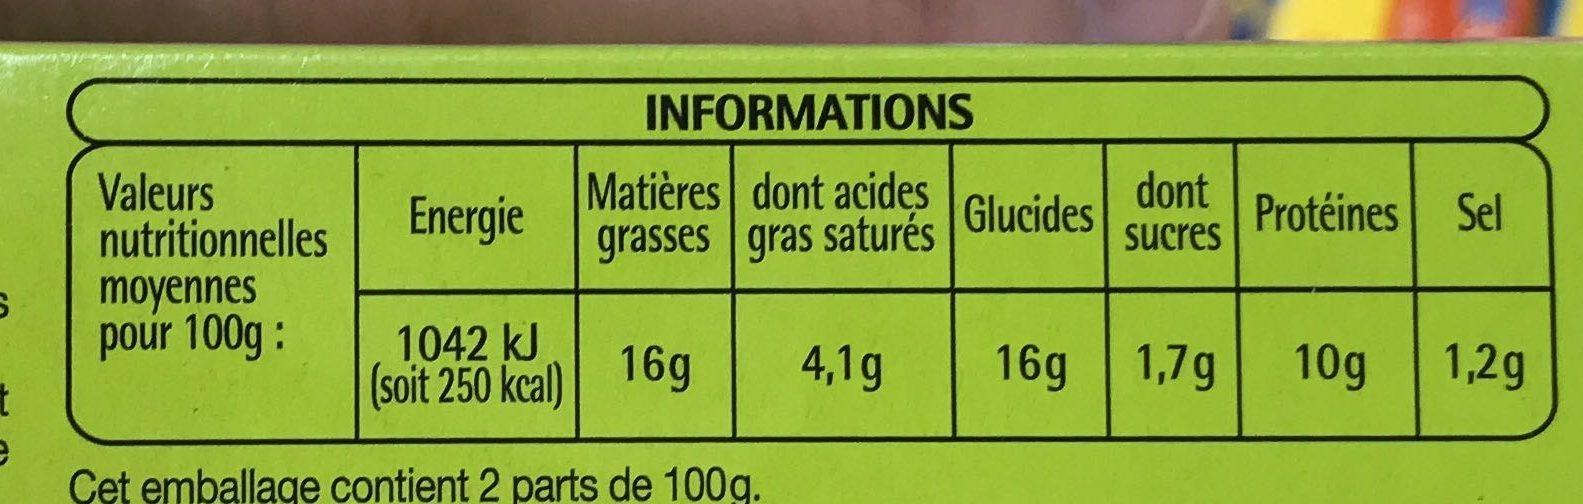 2 Cordons bleus de poulet - Informations nutritionnelles - fr